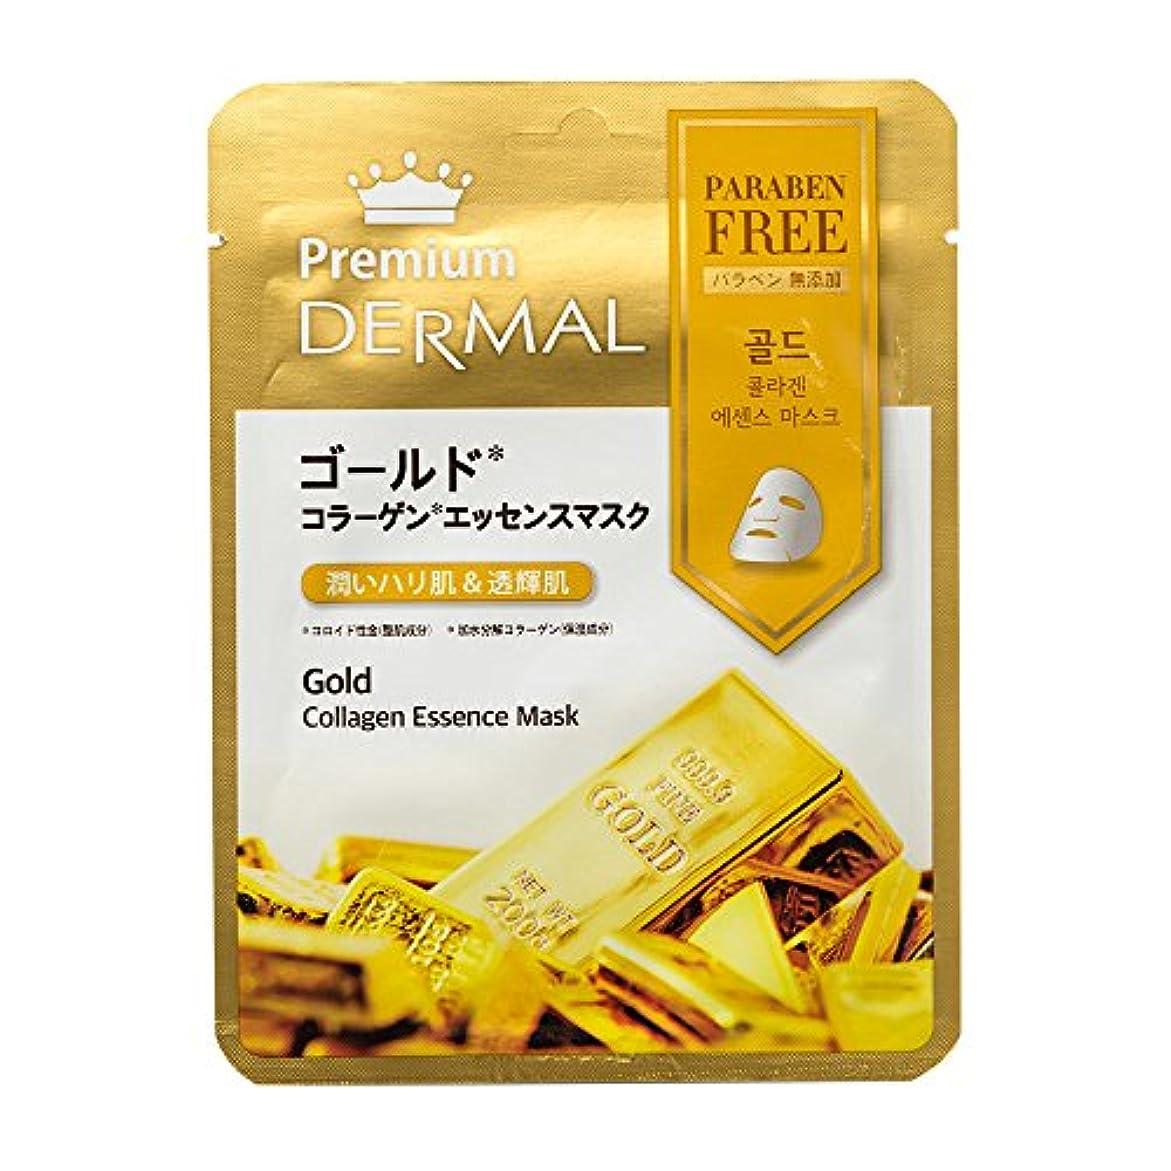 委任する声を出して一部ダーマルプレミアム コラーゲンエッセンスマスク DP04 ゴールド 25ml/1枚